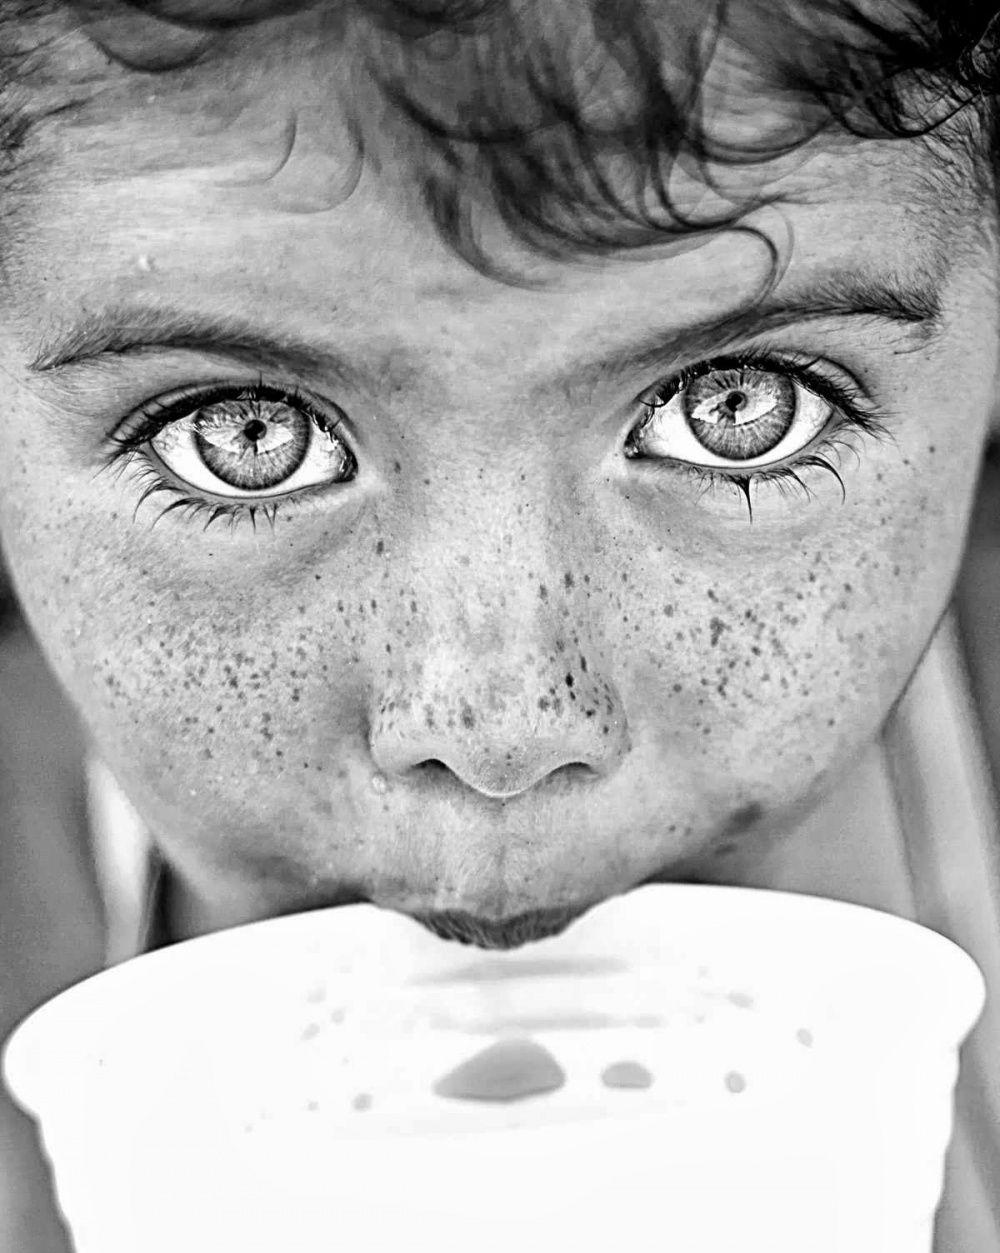 24 Fotos En Blanco Y Negro Que Quitan El Aliento Photograph